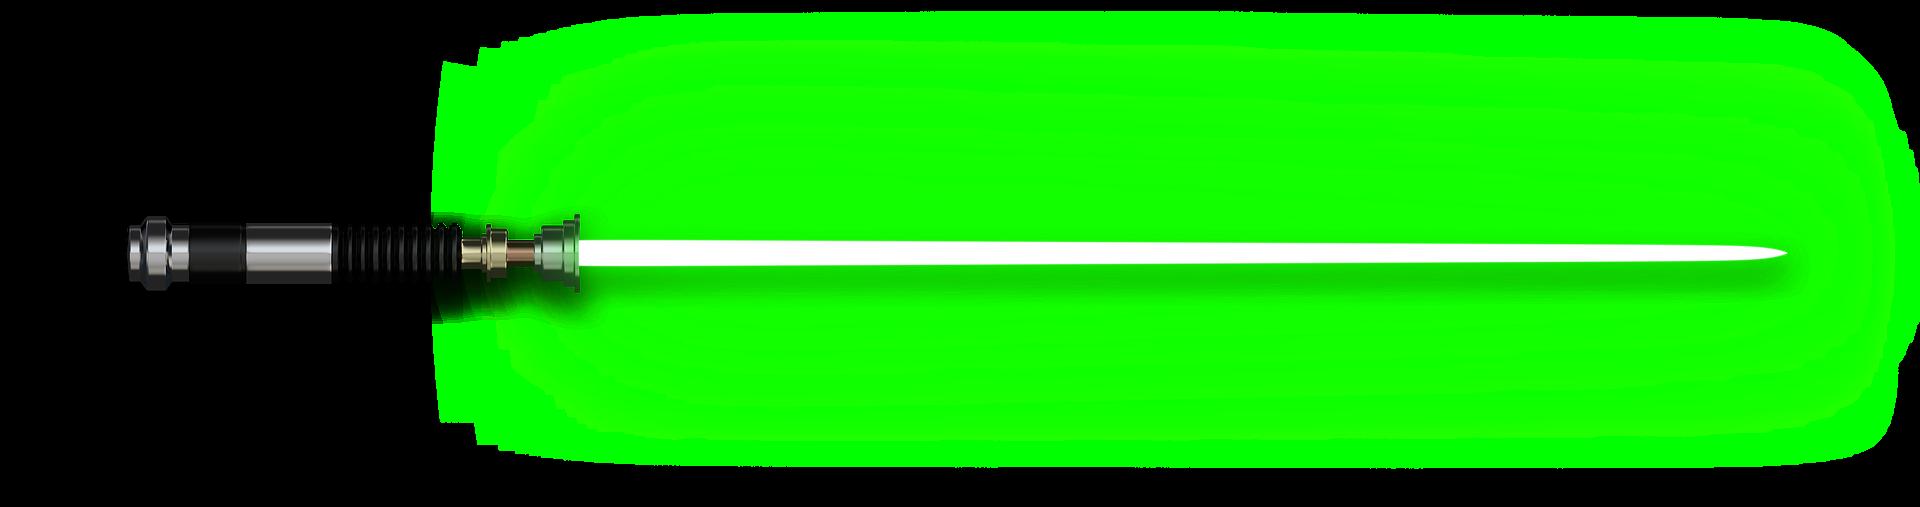 laserschwert waffe